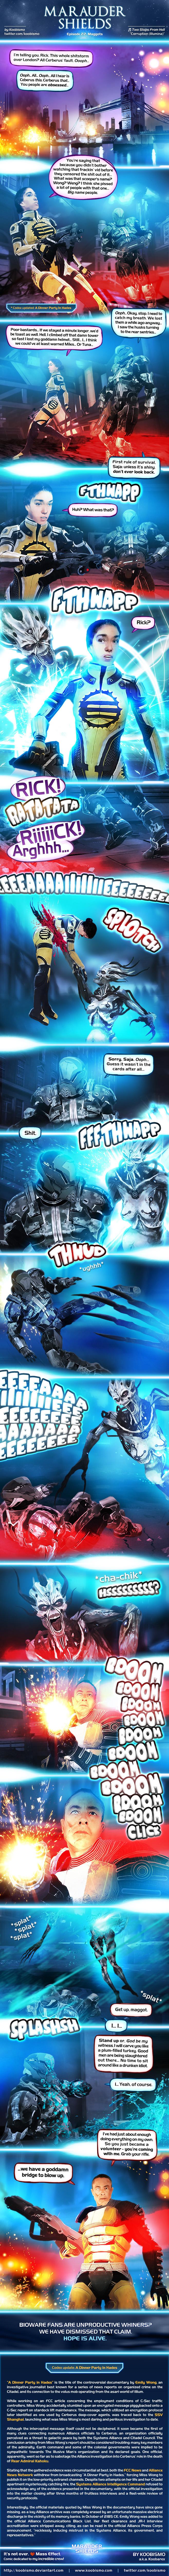 Marauder Shields 22: Maggots (Mass Effect) by koobismo